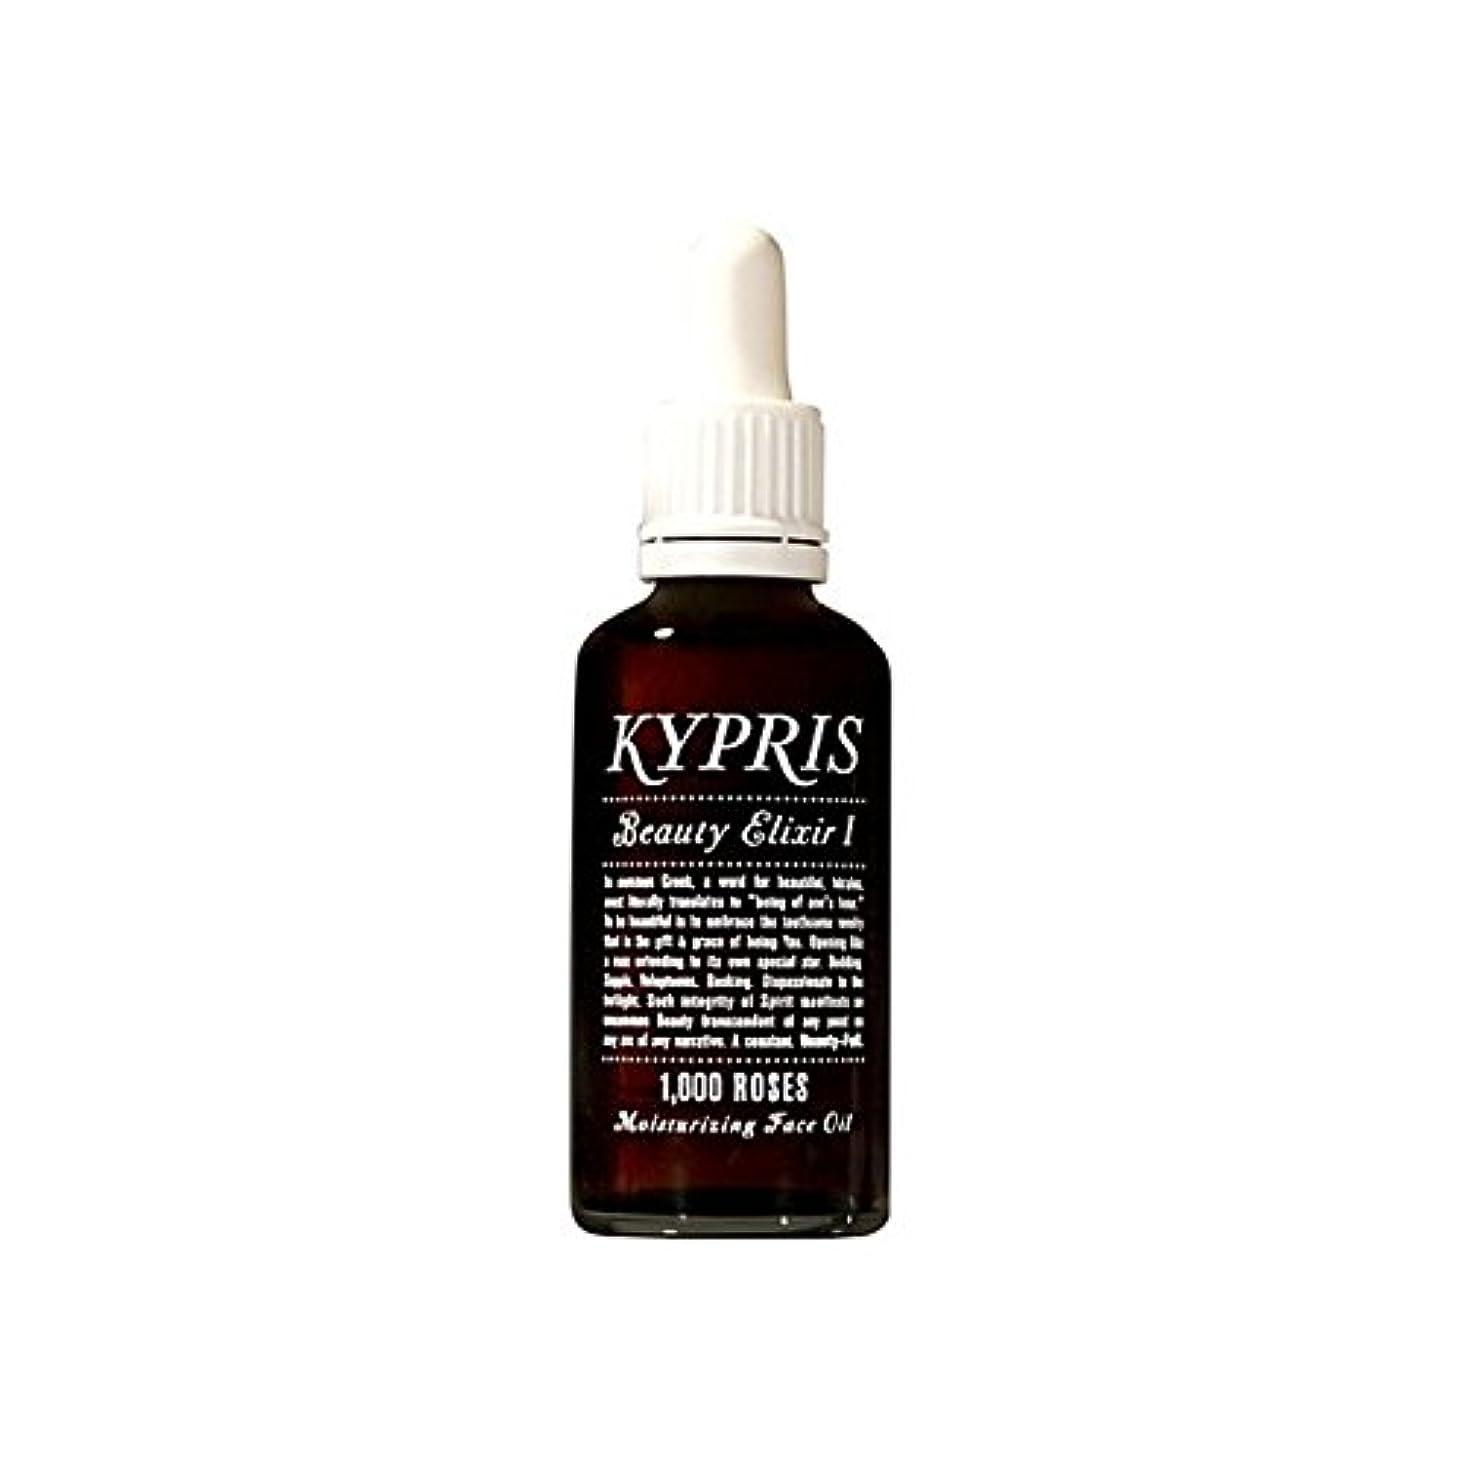 吸う苦味方千本のバラの14ミリリットル - 美容エリキシル私は x4 - Kypris Beauty Elixir I - 1,000 Roses 14Ml (Pack of 4) [並行輸入品]